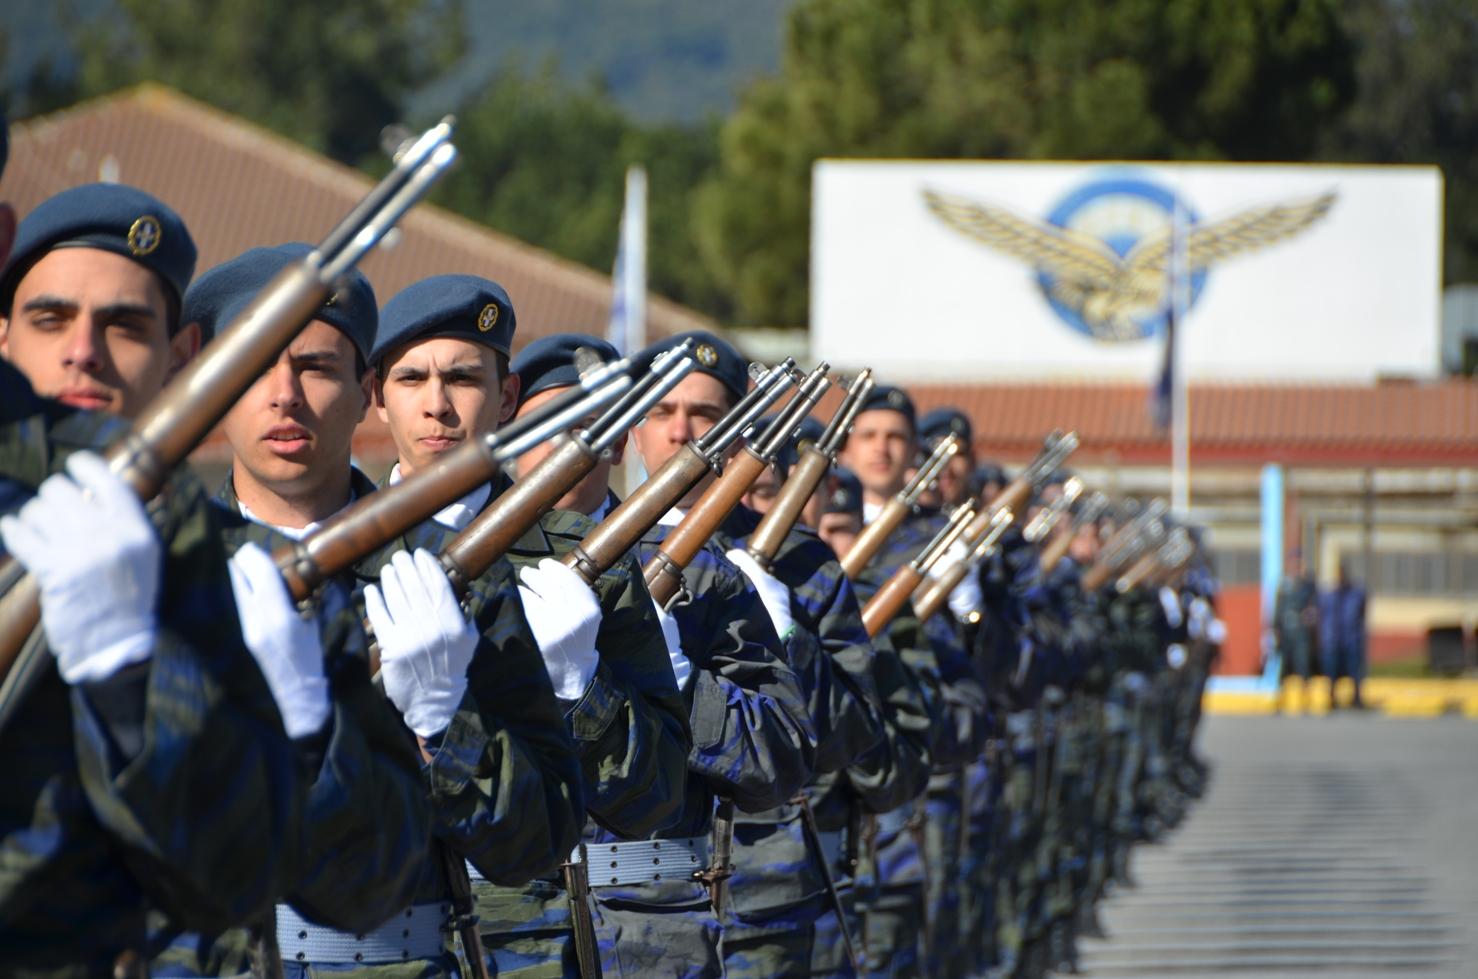 Πολεμική Αεροπορία: Καλούνται για κατάταξη οι στρατεύσιμοι της 2021 Ε' ΕΣΣΟ